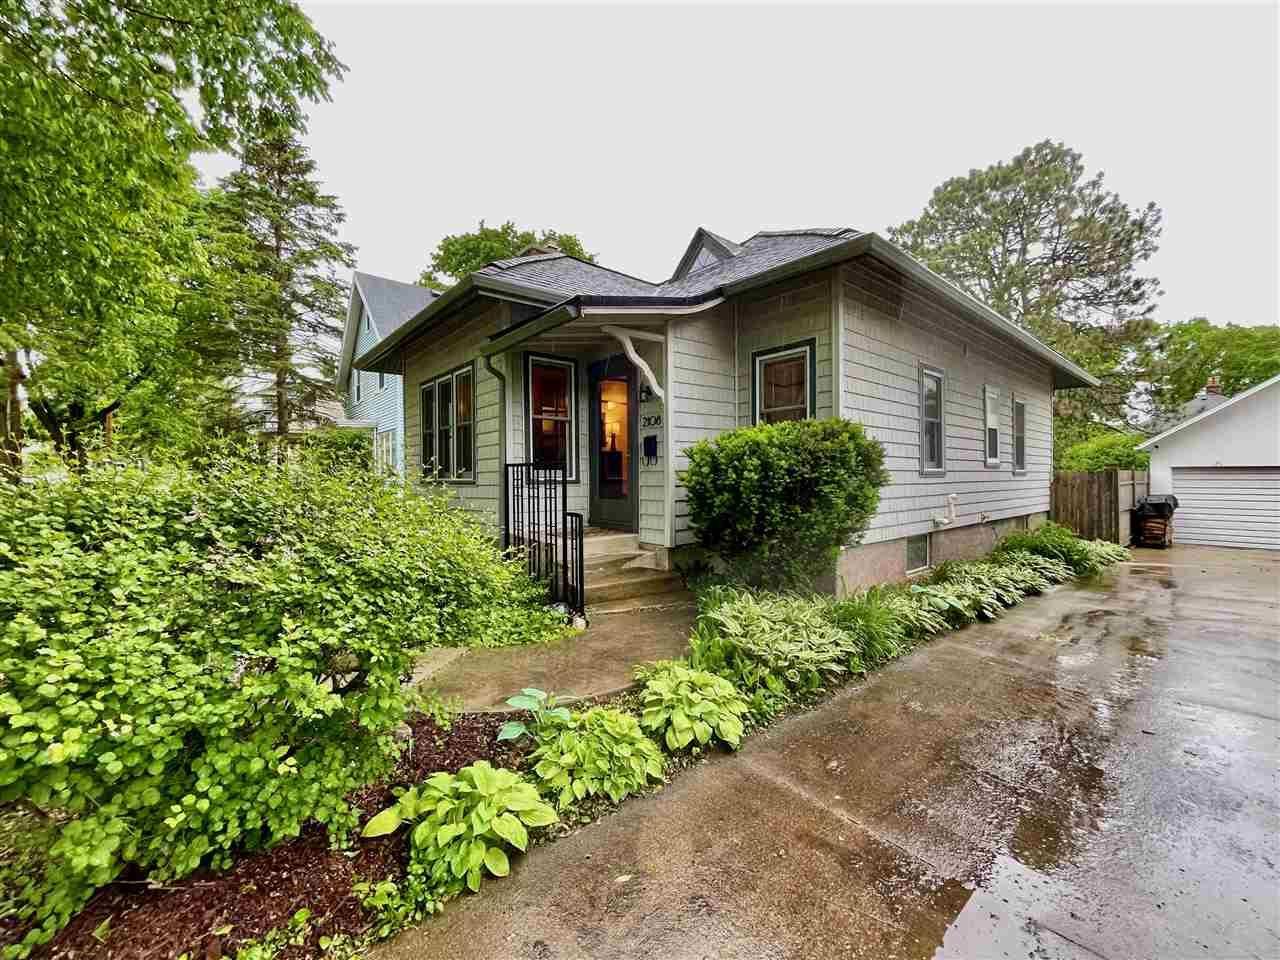 2108 Keyes Ave, Madison, WI 53711 - #: 1910576